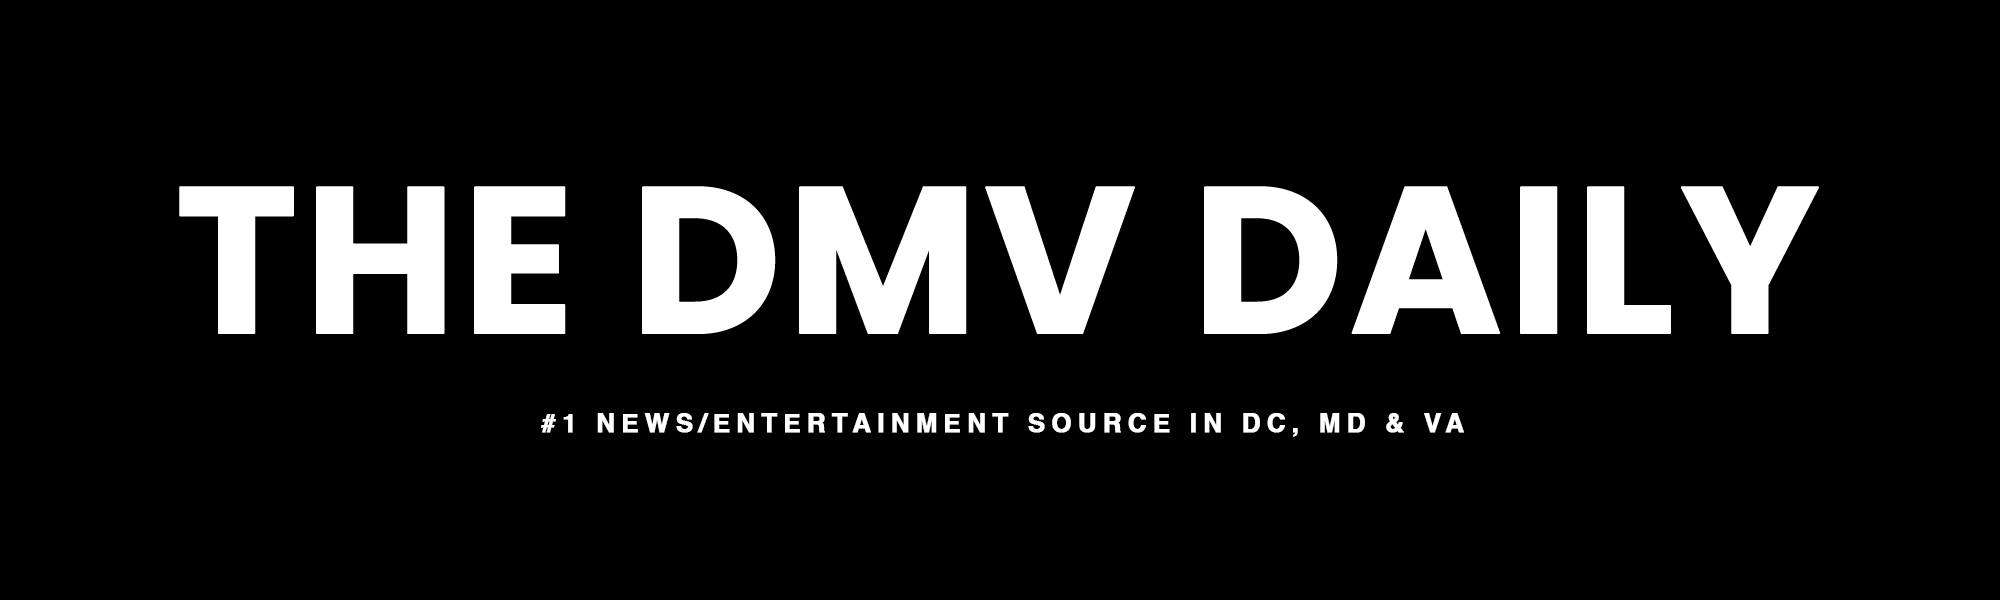 The DMV Daily